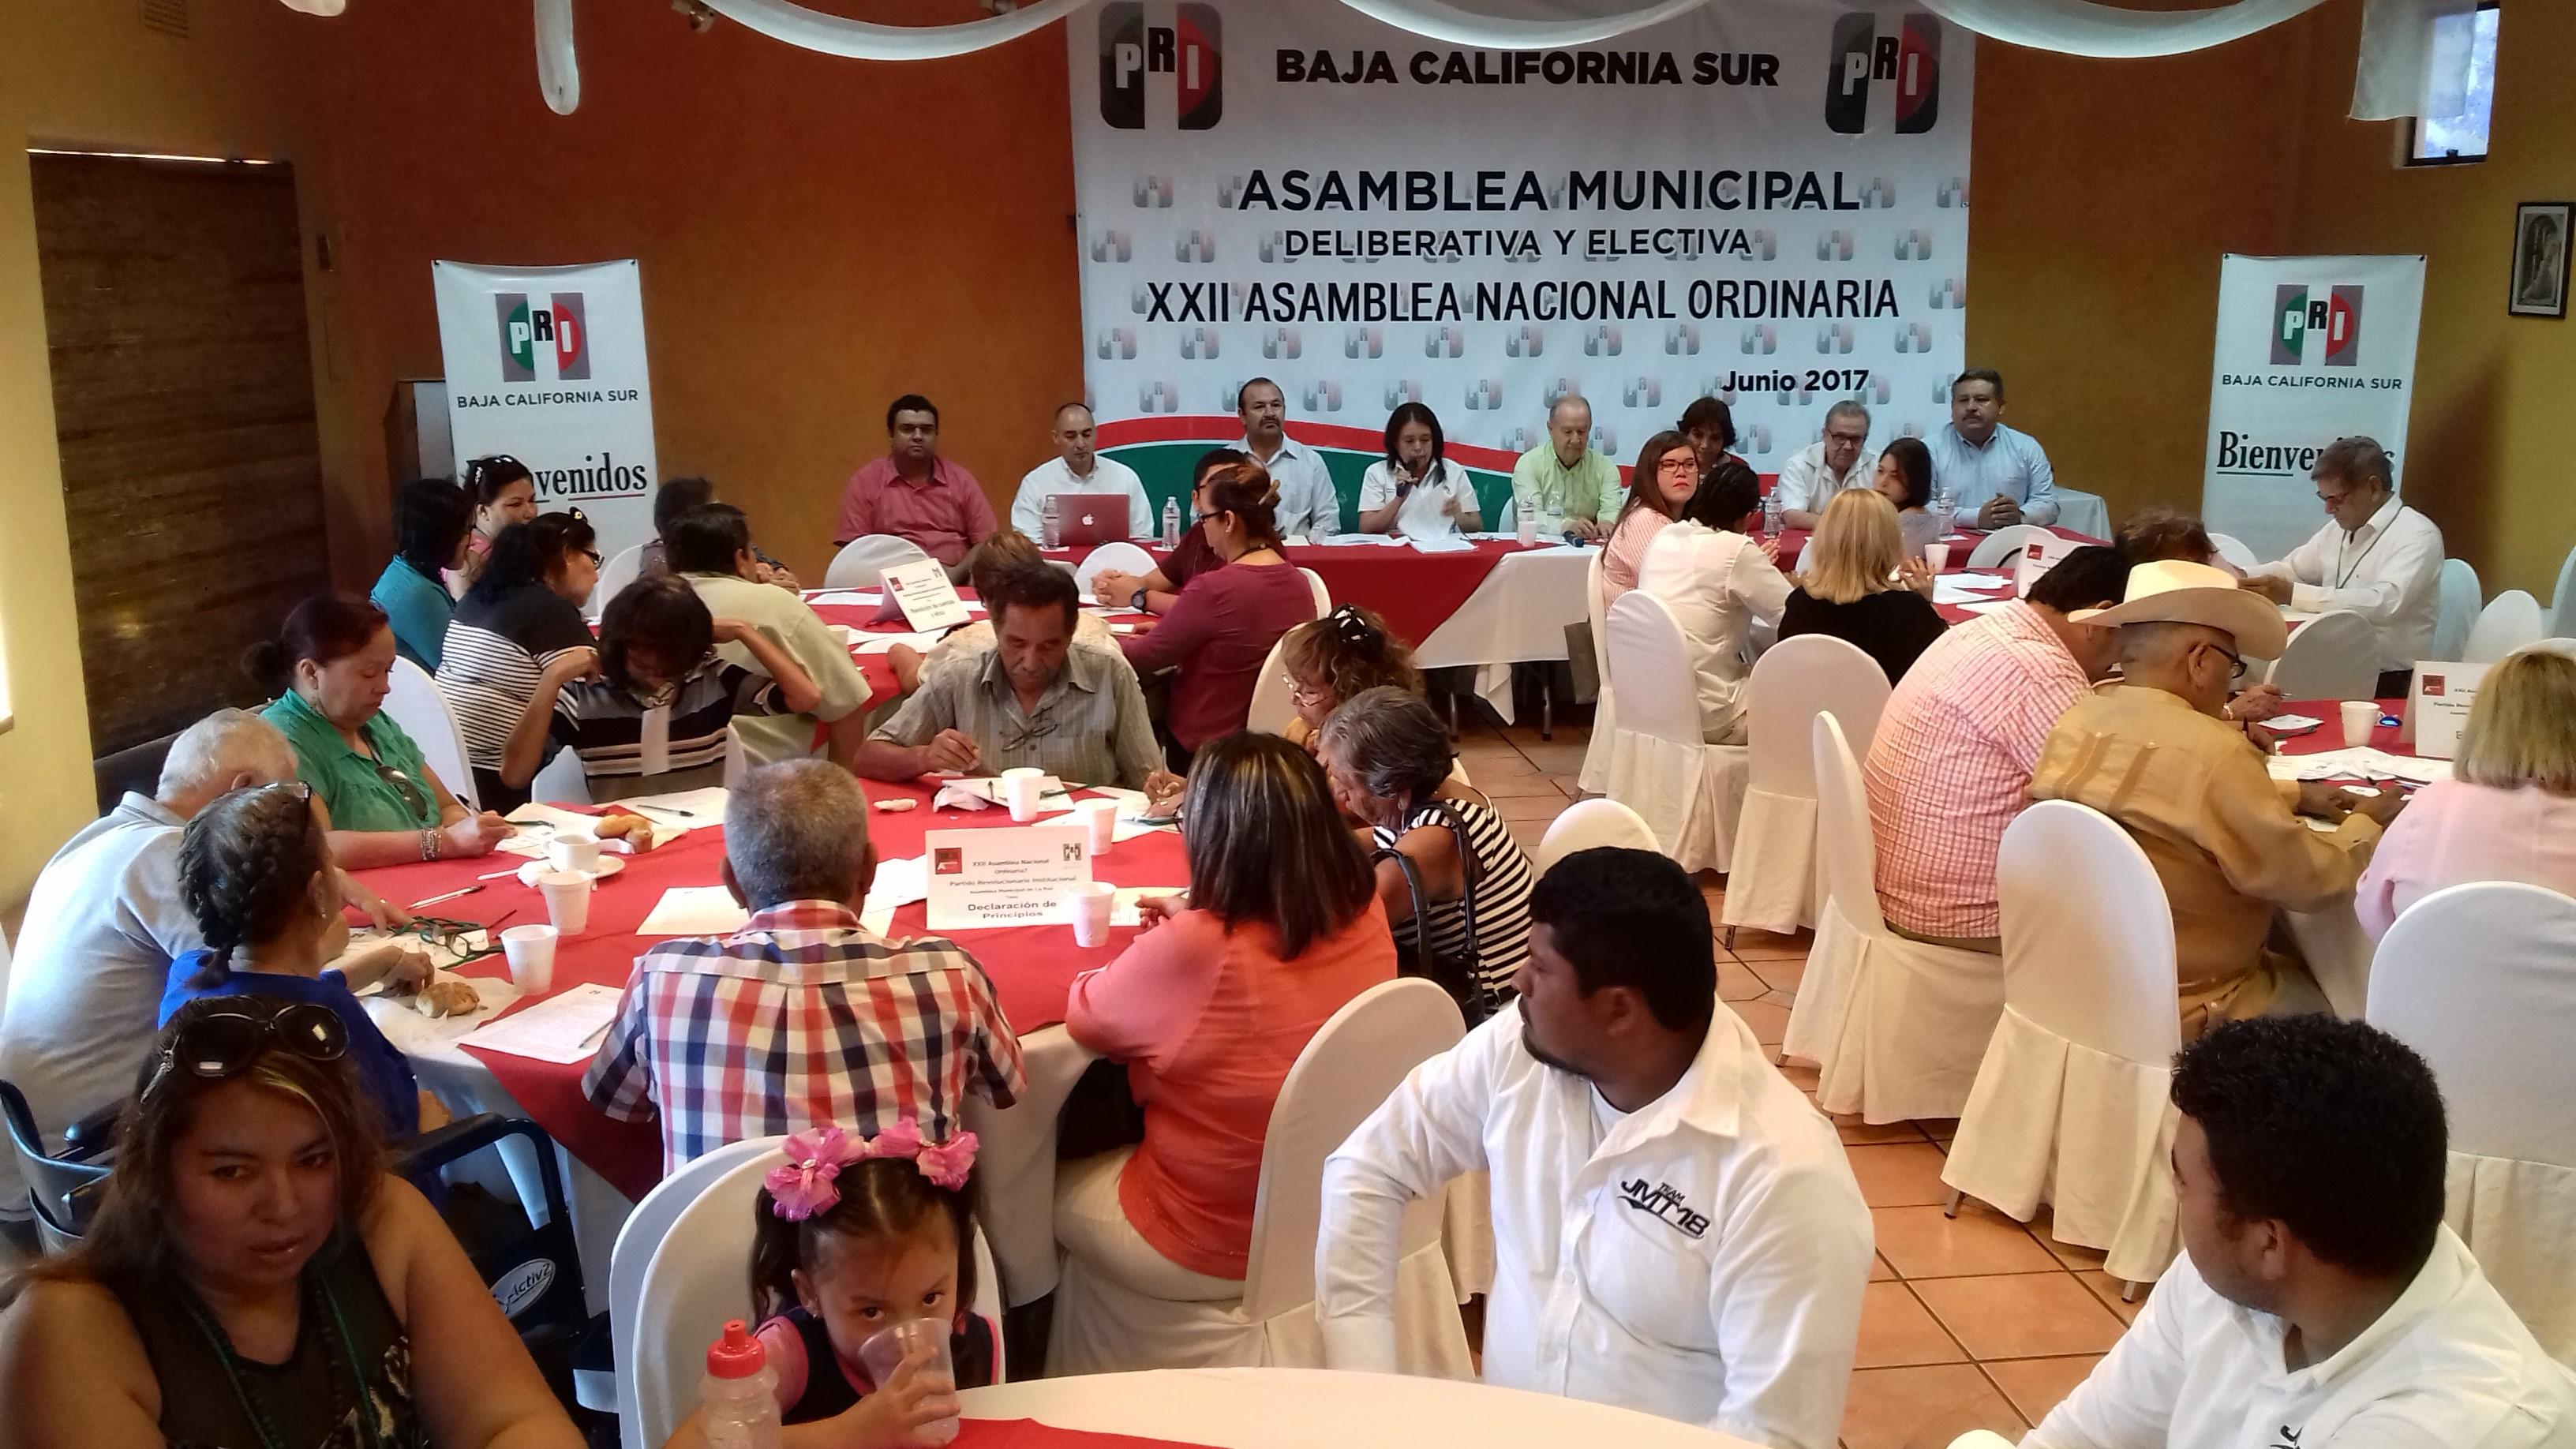 CELEBRAN ASAMBLEA MUNICIPAL DE LA PAZ PARA DELIBERACIÓN DE  MESAS TEMÁTICAS HACIA LA XXII ASAMBLEA NACIONAL